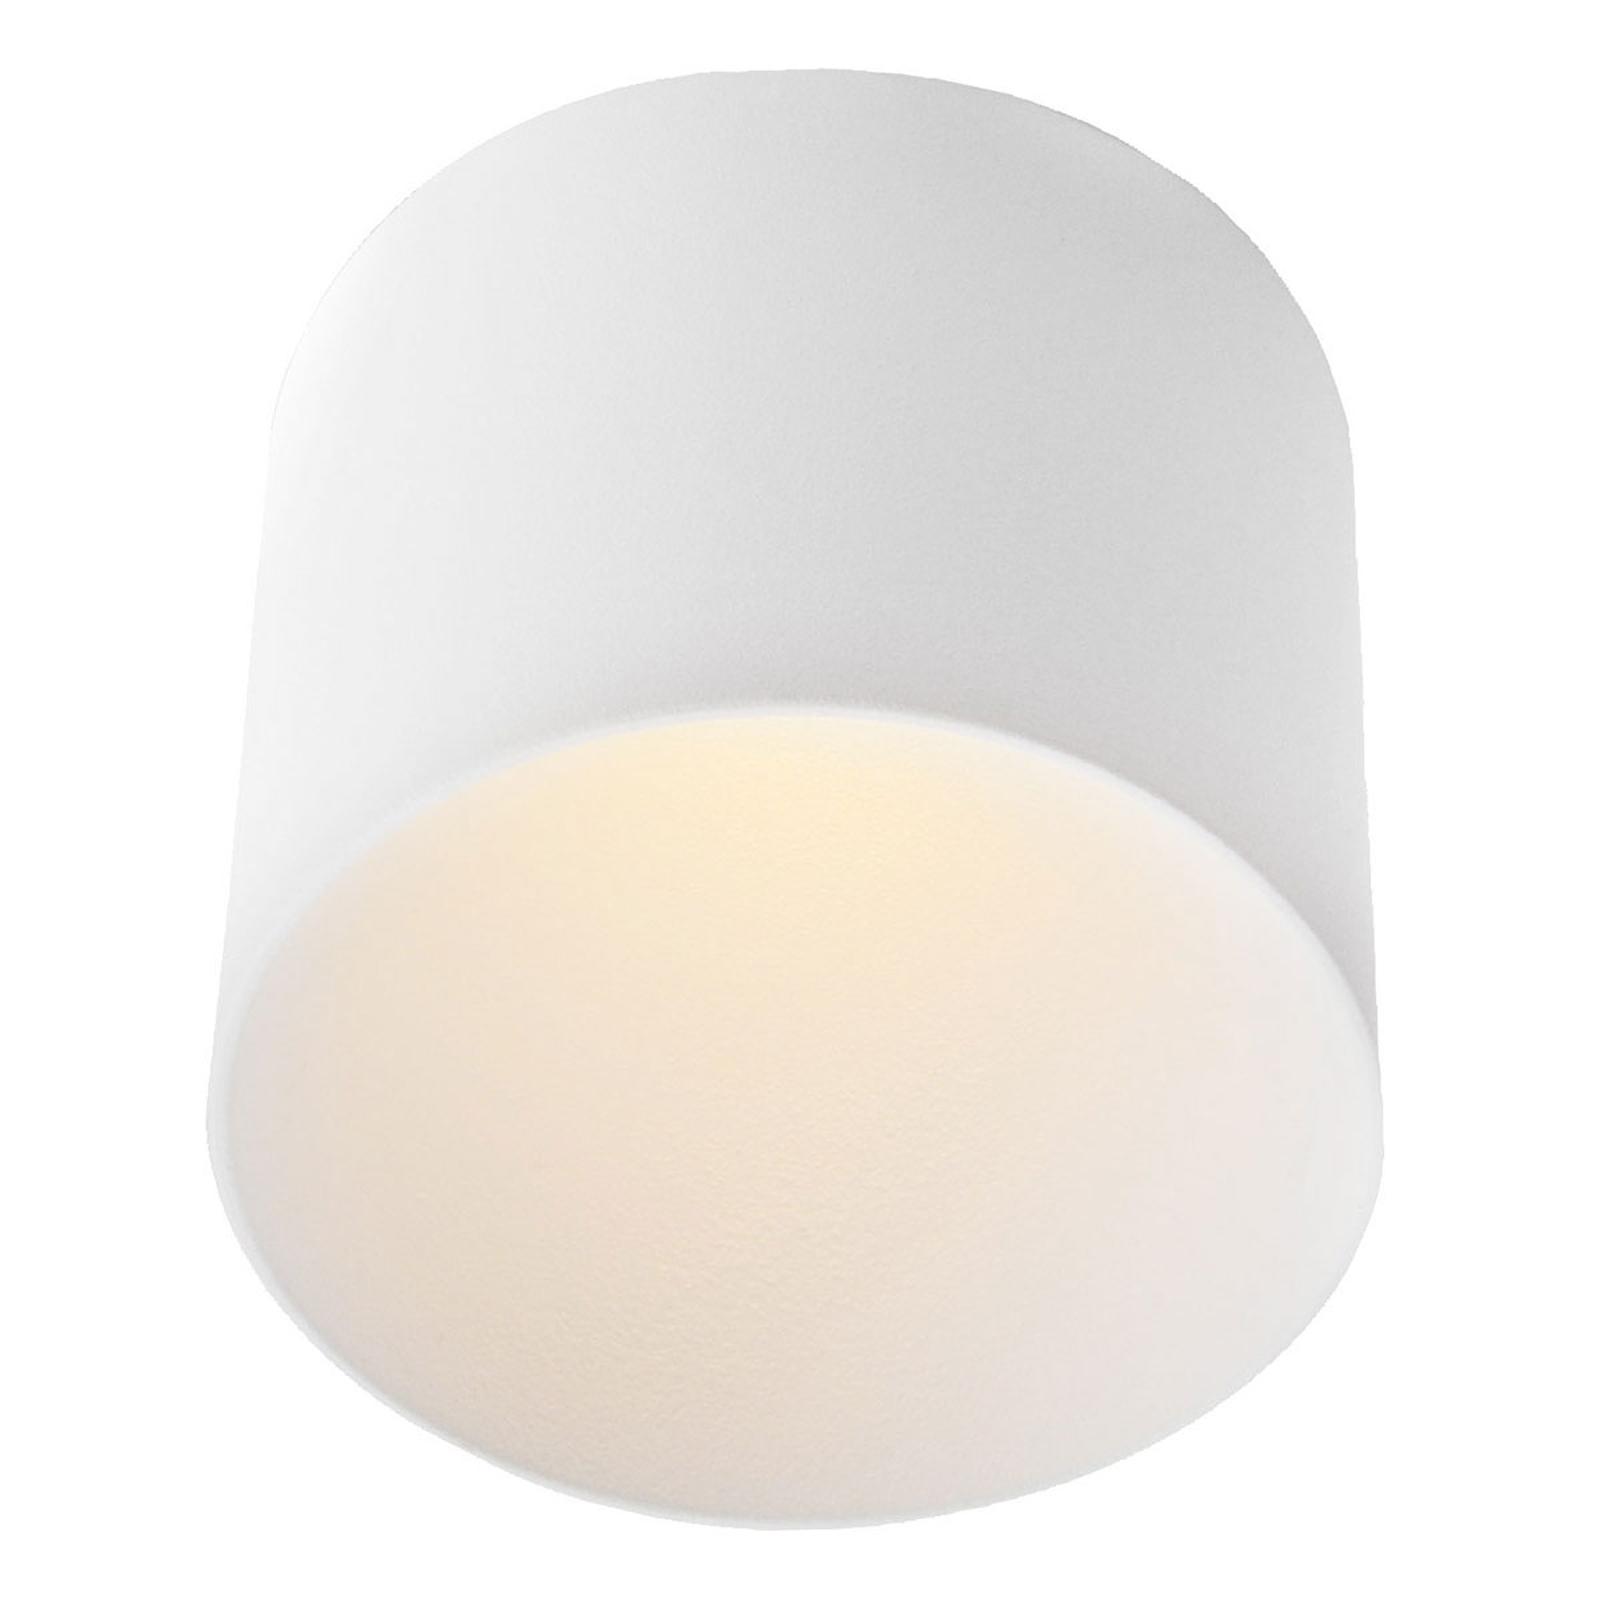 GF design Tubo Einbaulampe IP54 weiß 2.700 K